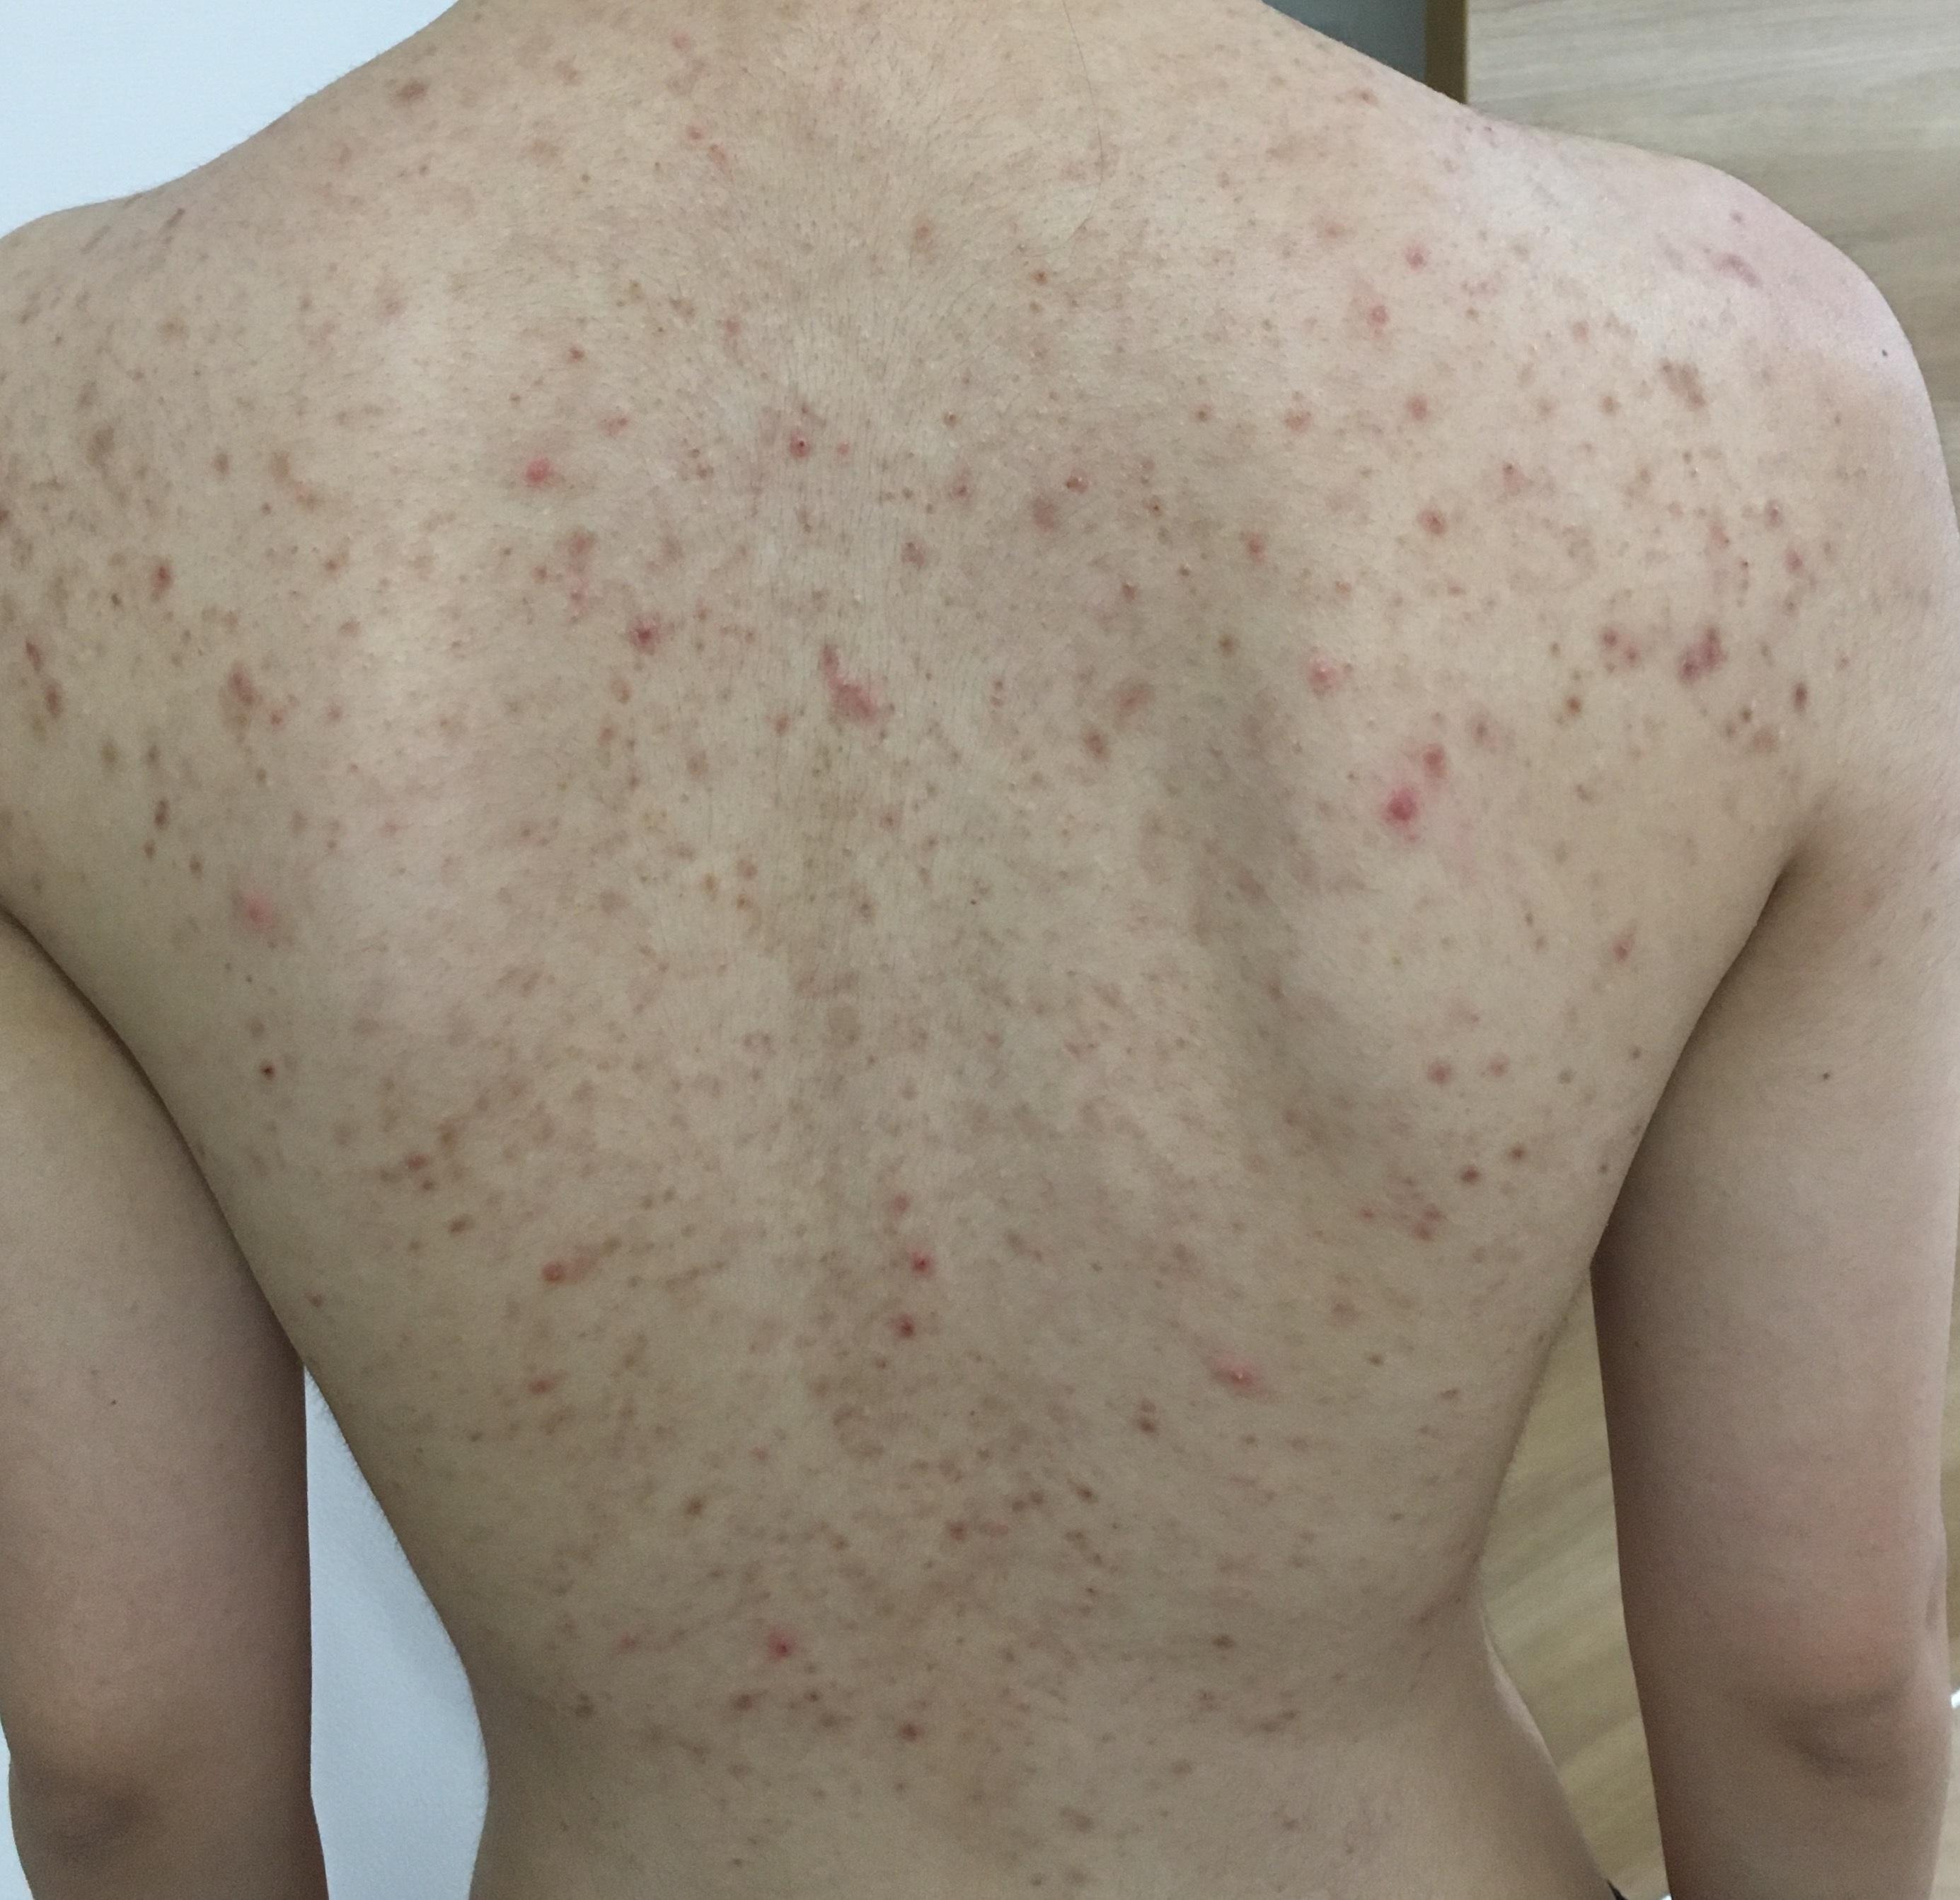 ひどい 背中 ニキビ 背中ニキビを市販薬で治すことはできる?ひどい場合は皮膚科で治療が必要? 株式会社nanairo【ナナイロ】